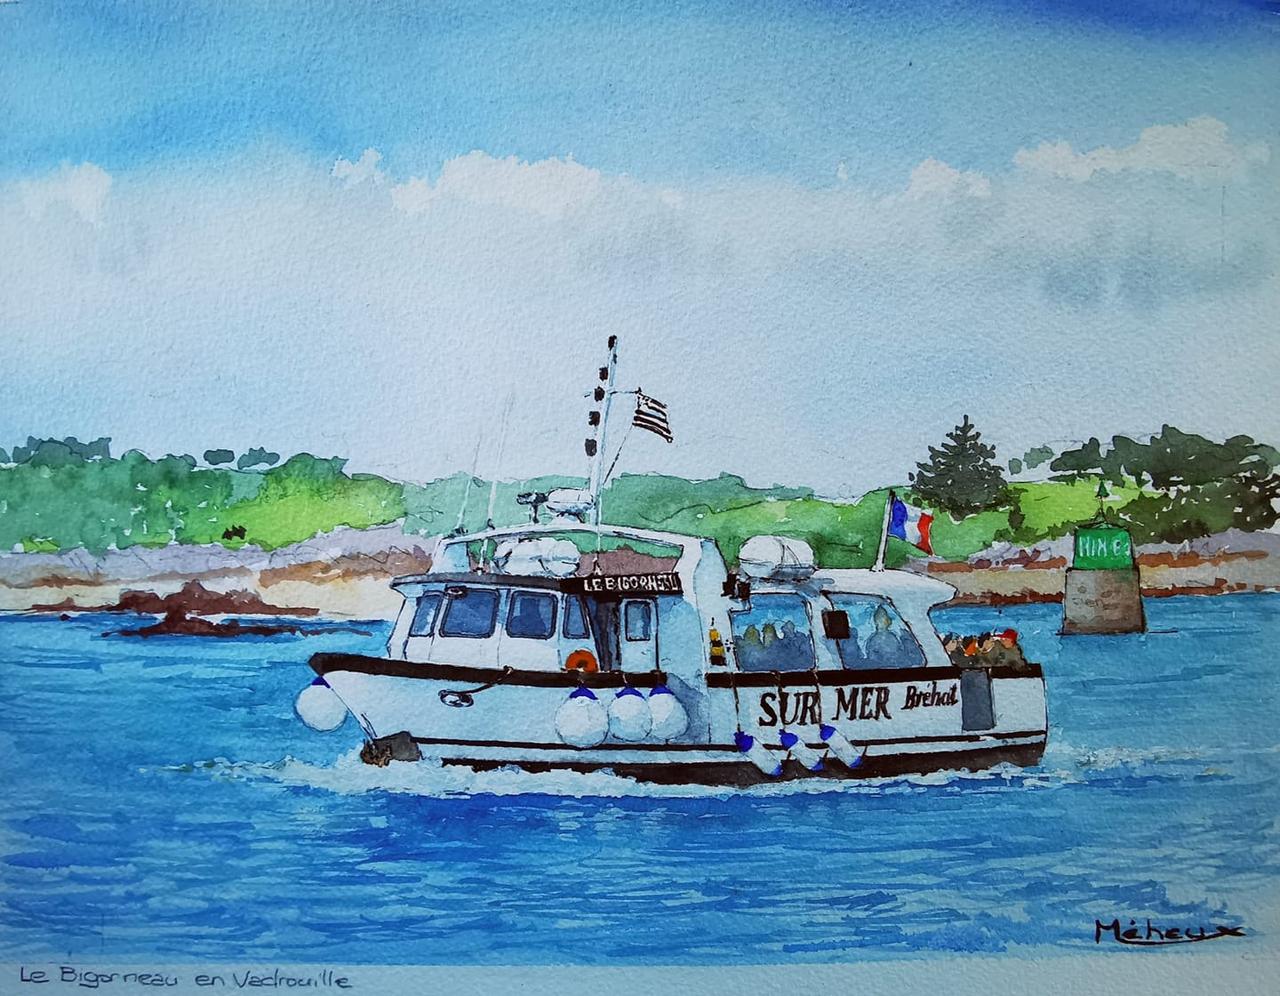 Le Bigorneau en vadrouille, par René MEHEUX, dessinateur, Île-de-Bréhat